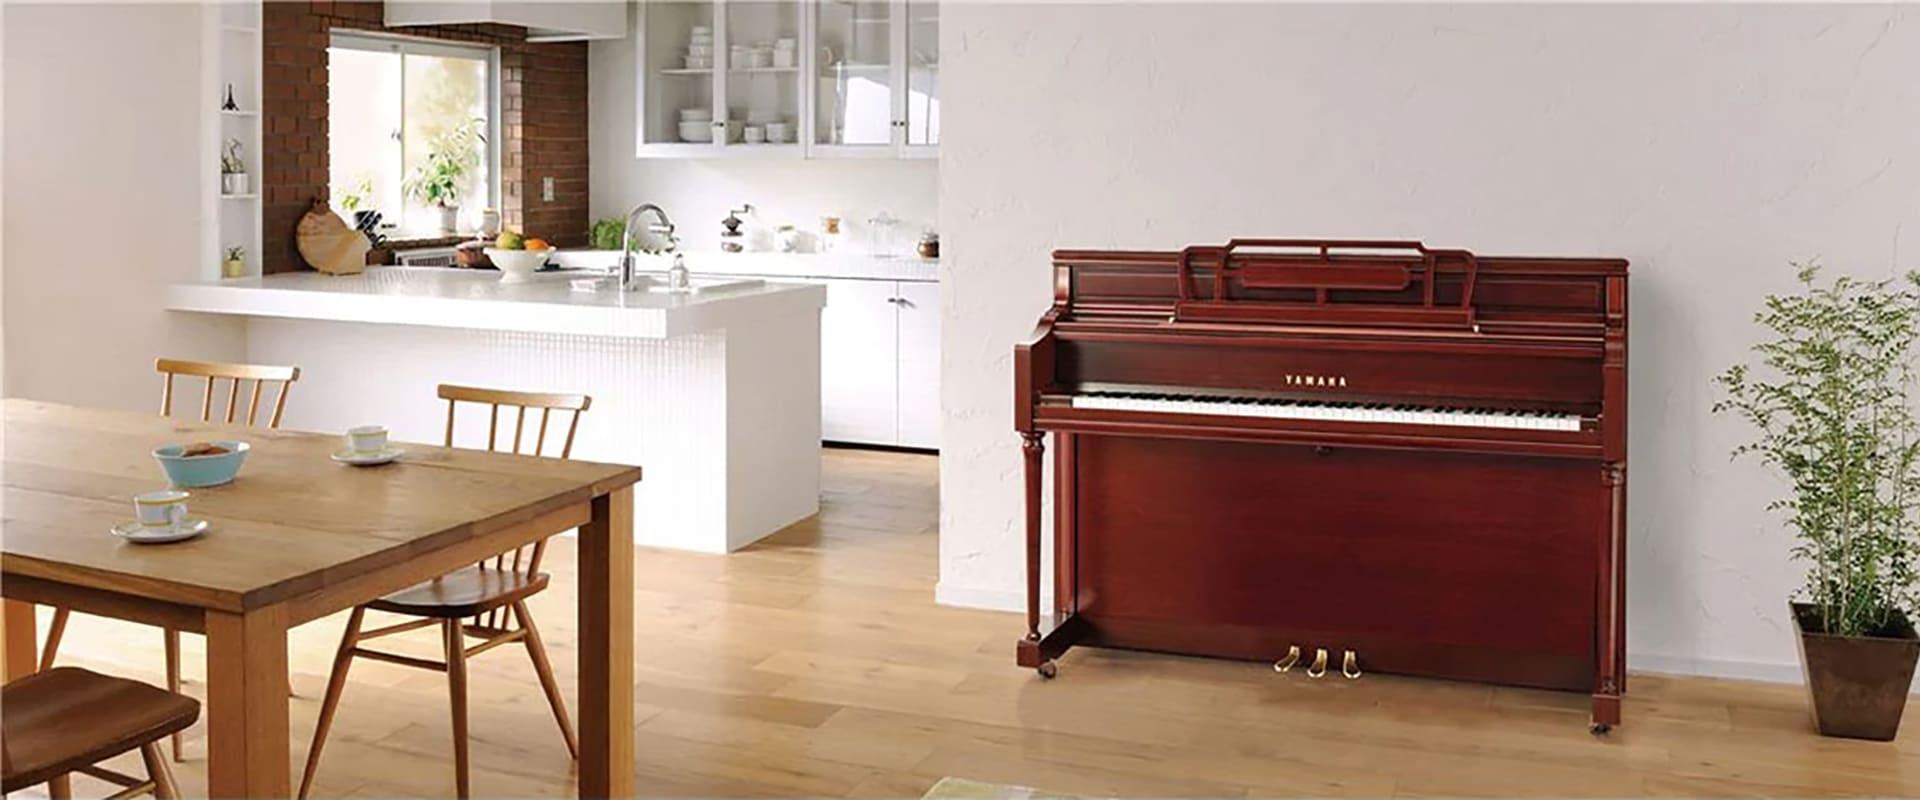 YAMAHA M2 SDW 直立鋼琴 【居家風格完美展現】|全方位樂器